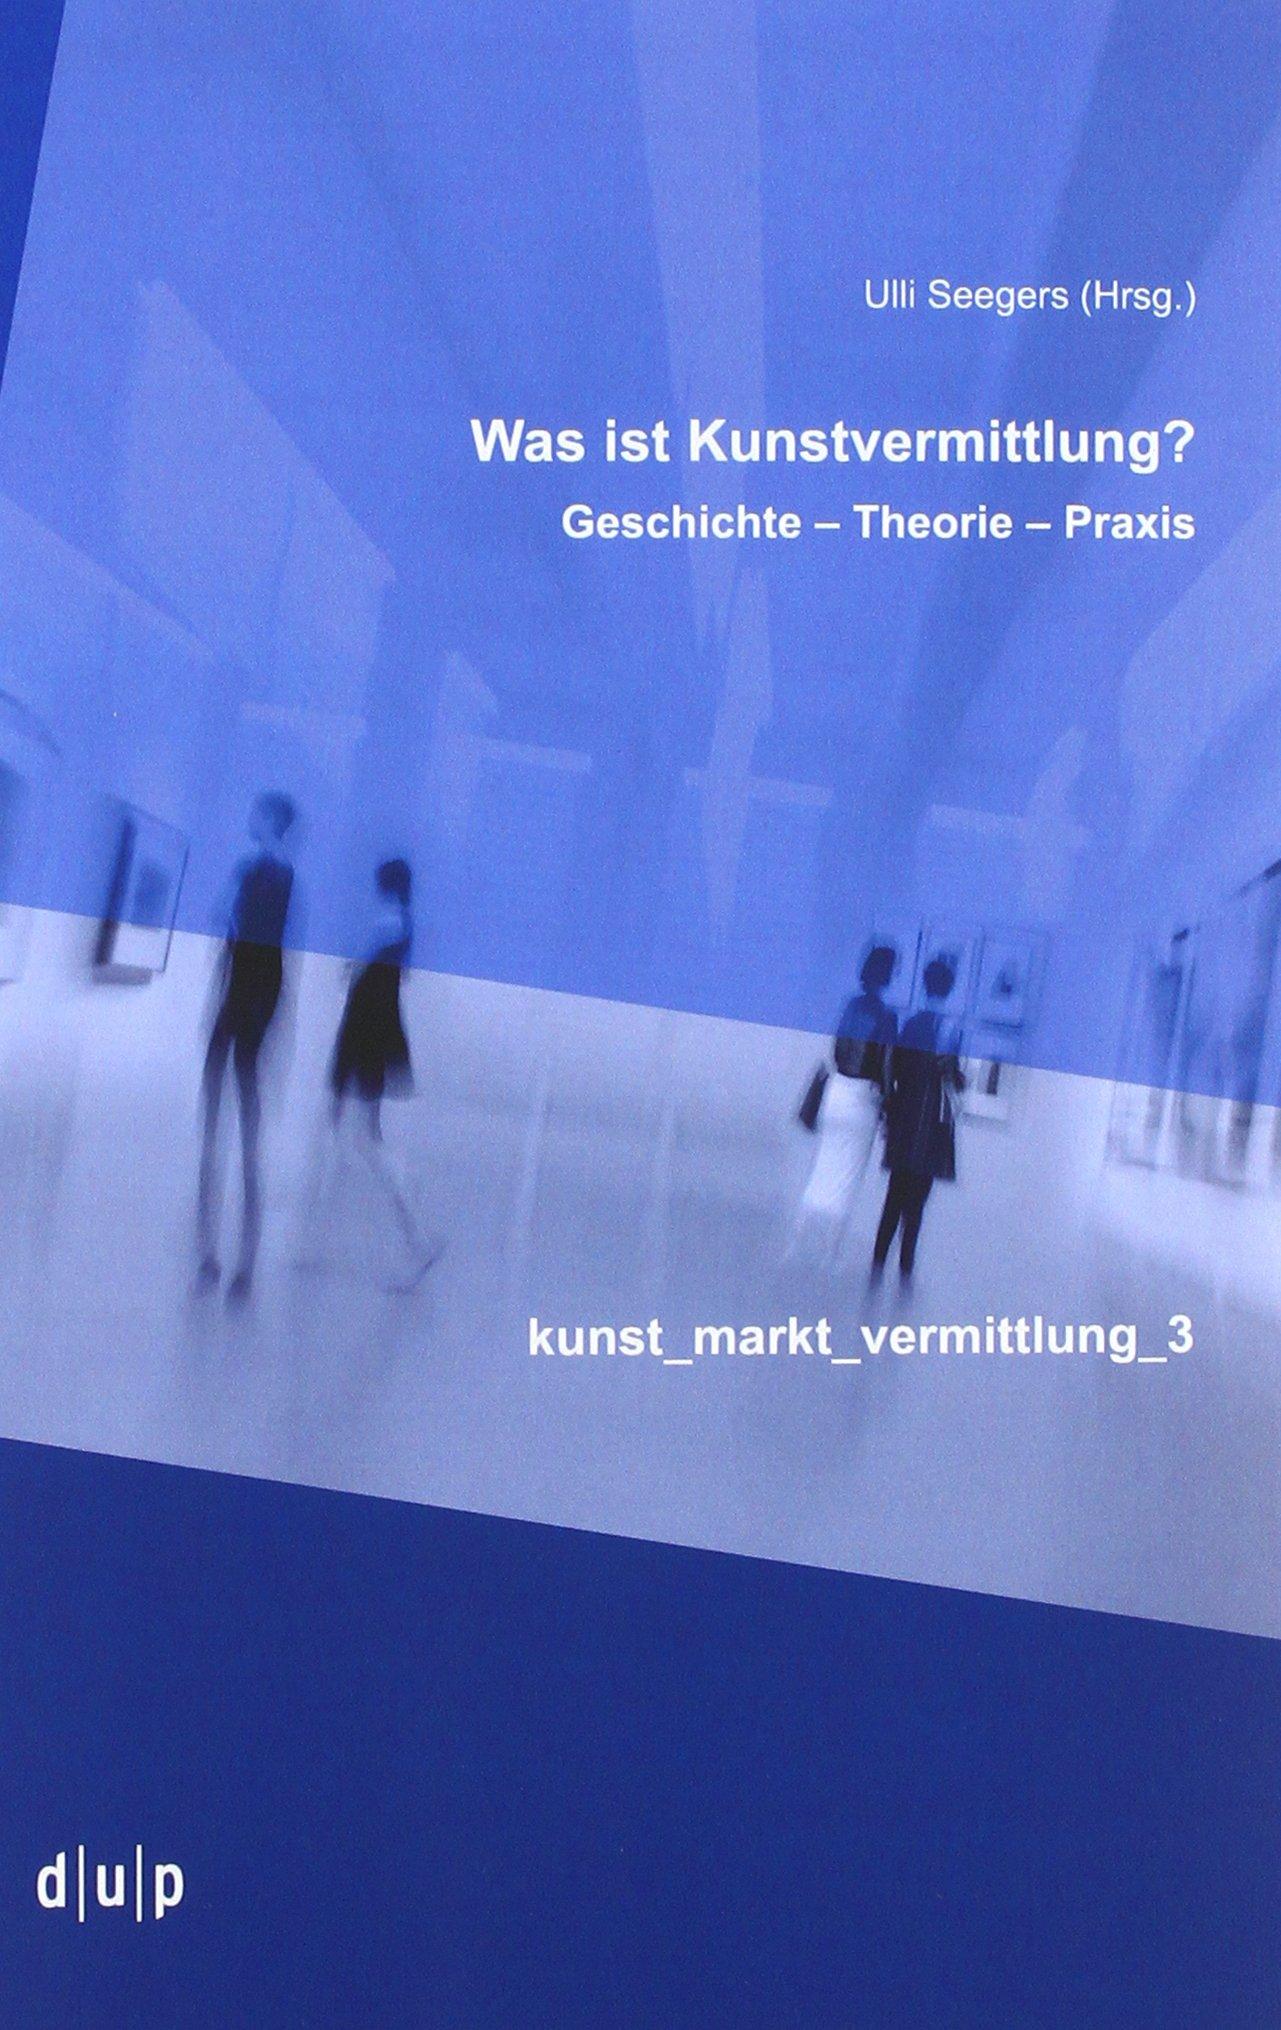 Was ist Kunstvermittlung?: Geschichte – Theorie – Praxis (kunst_markt_vermittlung) Taschenbuch – 27. Juli 2017 Ulli Seegers 395758034X Kunst / Sonstiges Kunst / Theorie